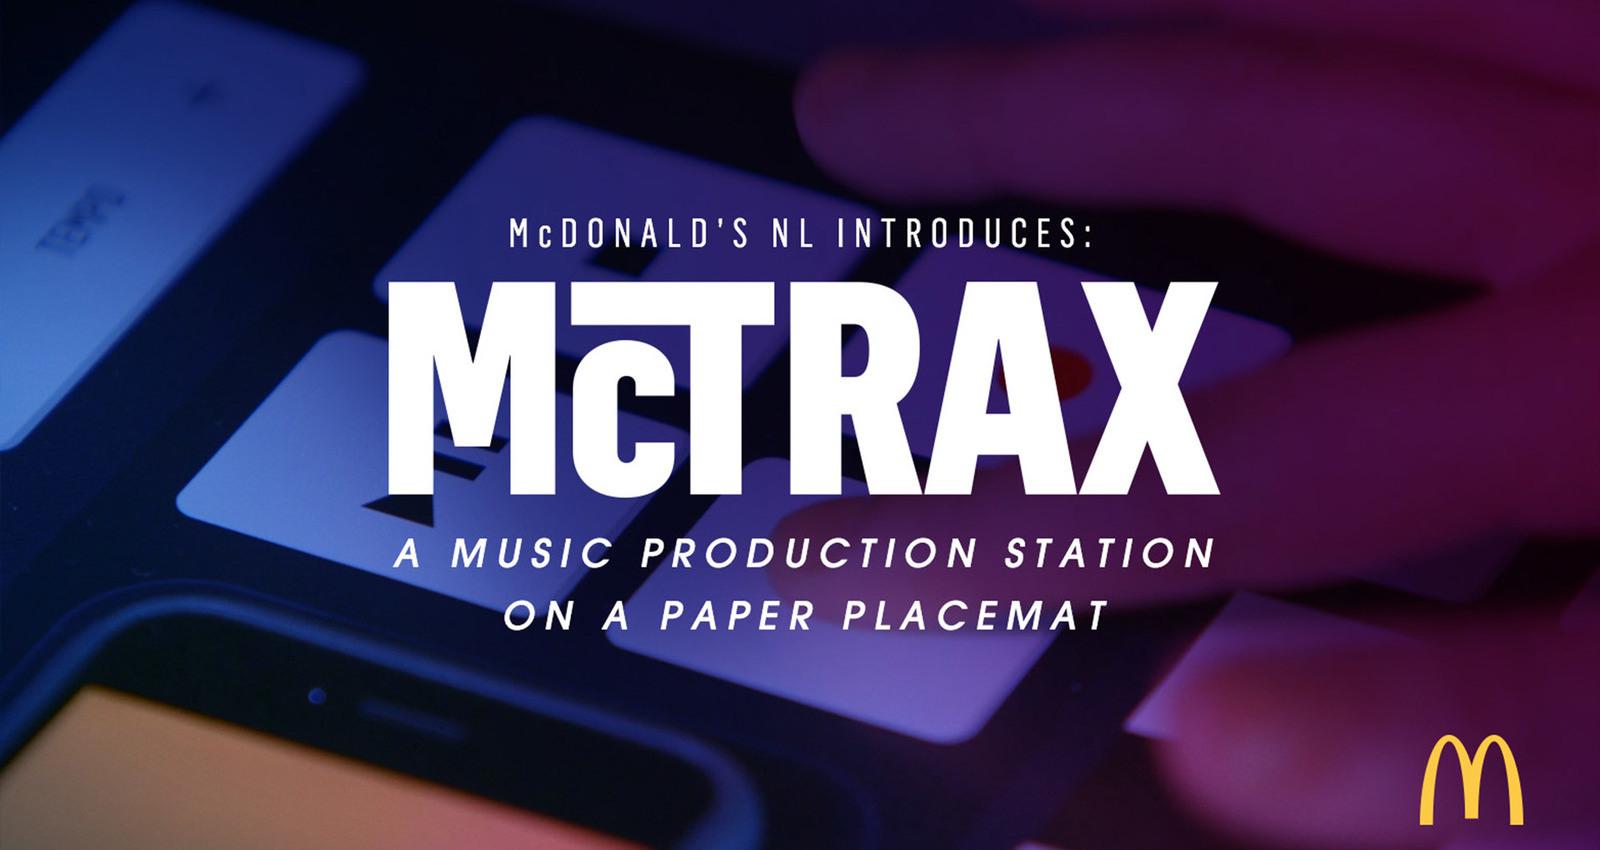 McTrax